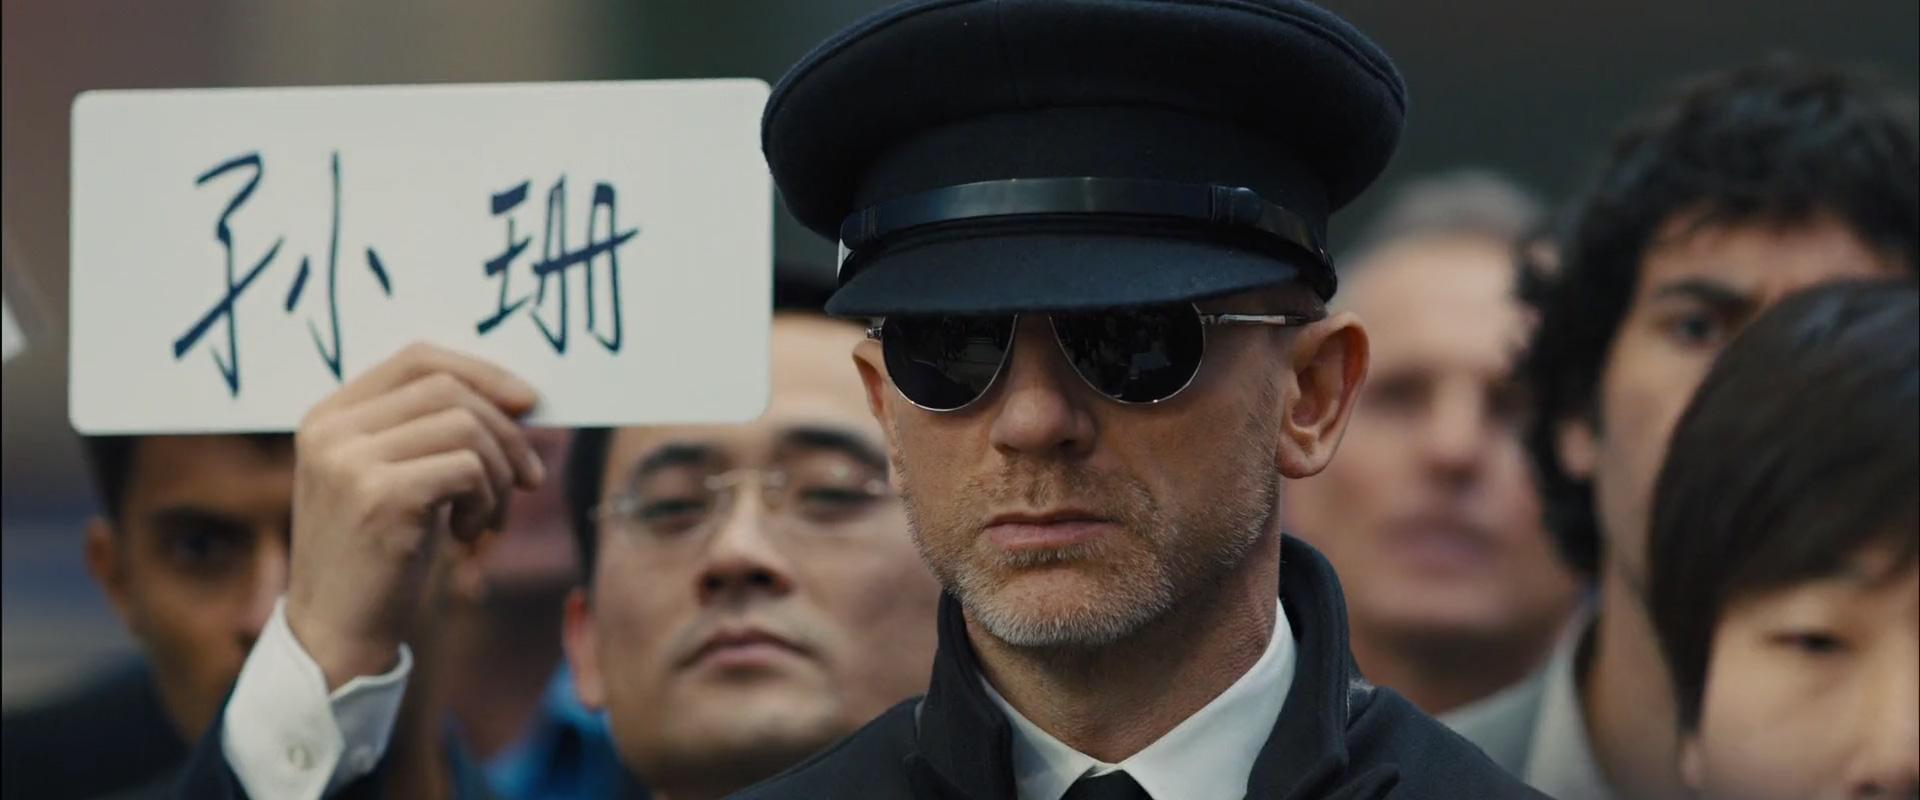 50b95808aaba6 Daniel Craig in Skyfall